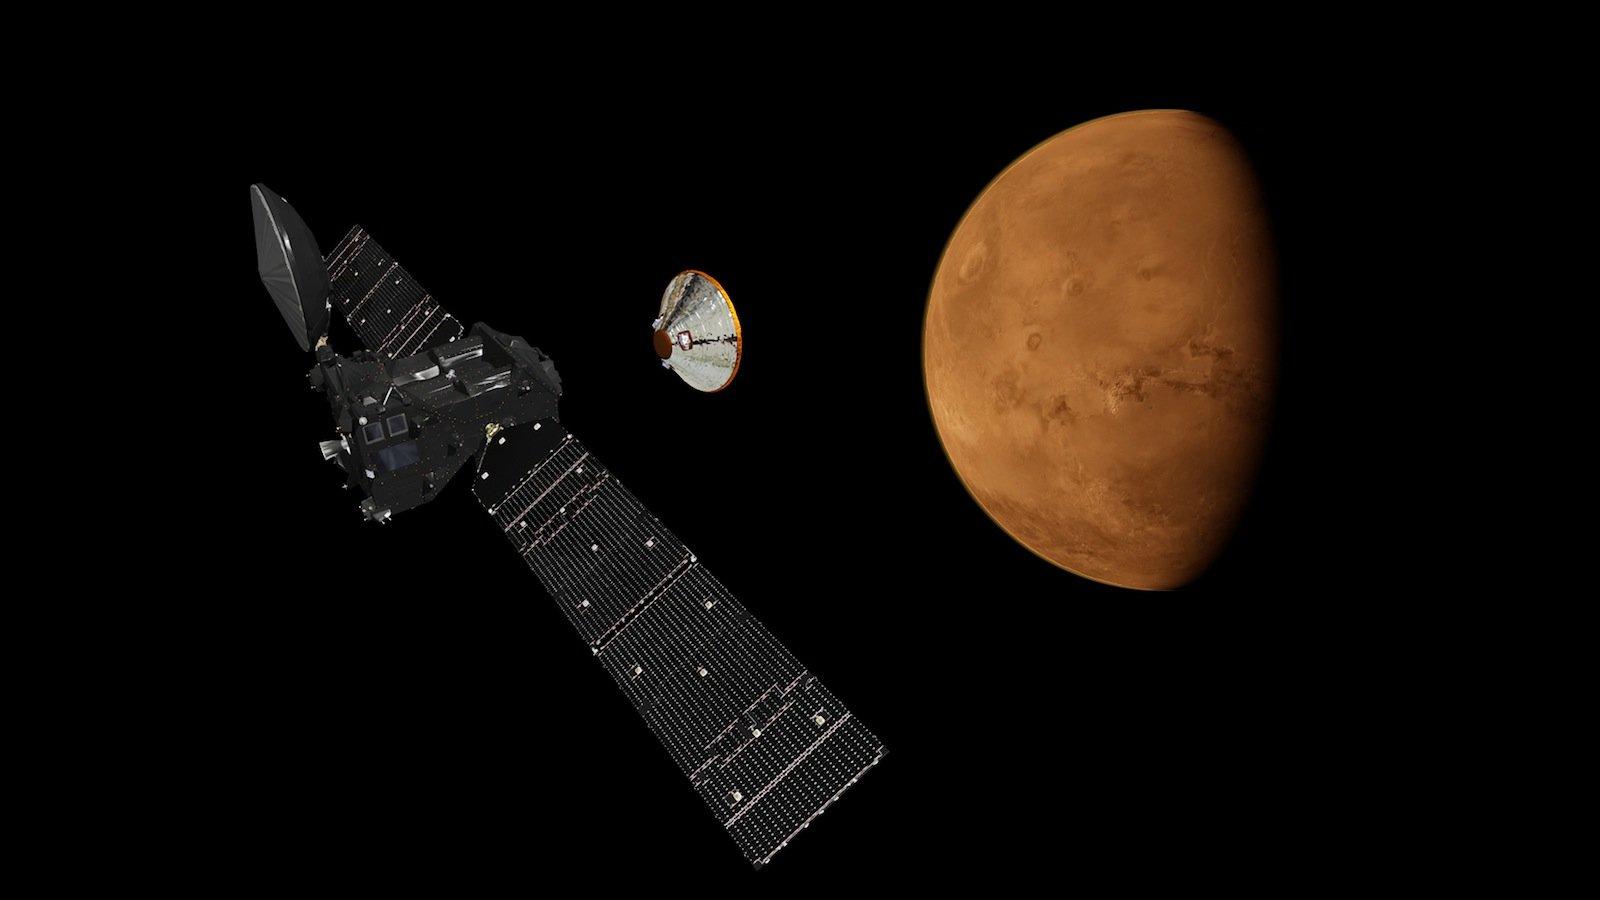 Am 14. März 2016 öffnet sich das Startfenster für die europäische Marsmission ExoMars, bei der eine Raumsonde und der Lander Schiaparelli zum Mars gebracht werden sollen. Schiaparelli ist ein Eintritts-, Abstiegs- und Landedemonstrator, der zeigen soll, dass eine kontrollierte Landung auf der Marsoberfläche möglich ist. Mit ihm sollen Schlüsseltechnologien für weitere Marsmissionen getestet werden.